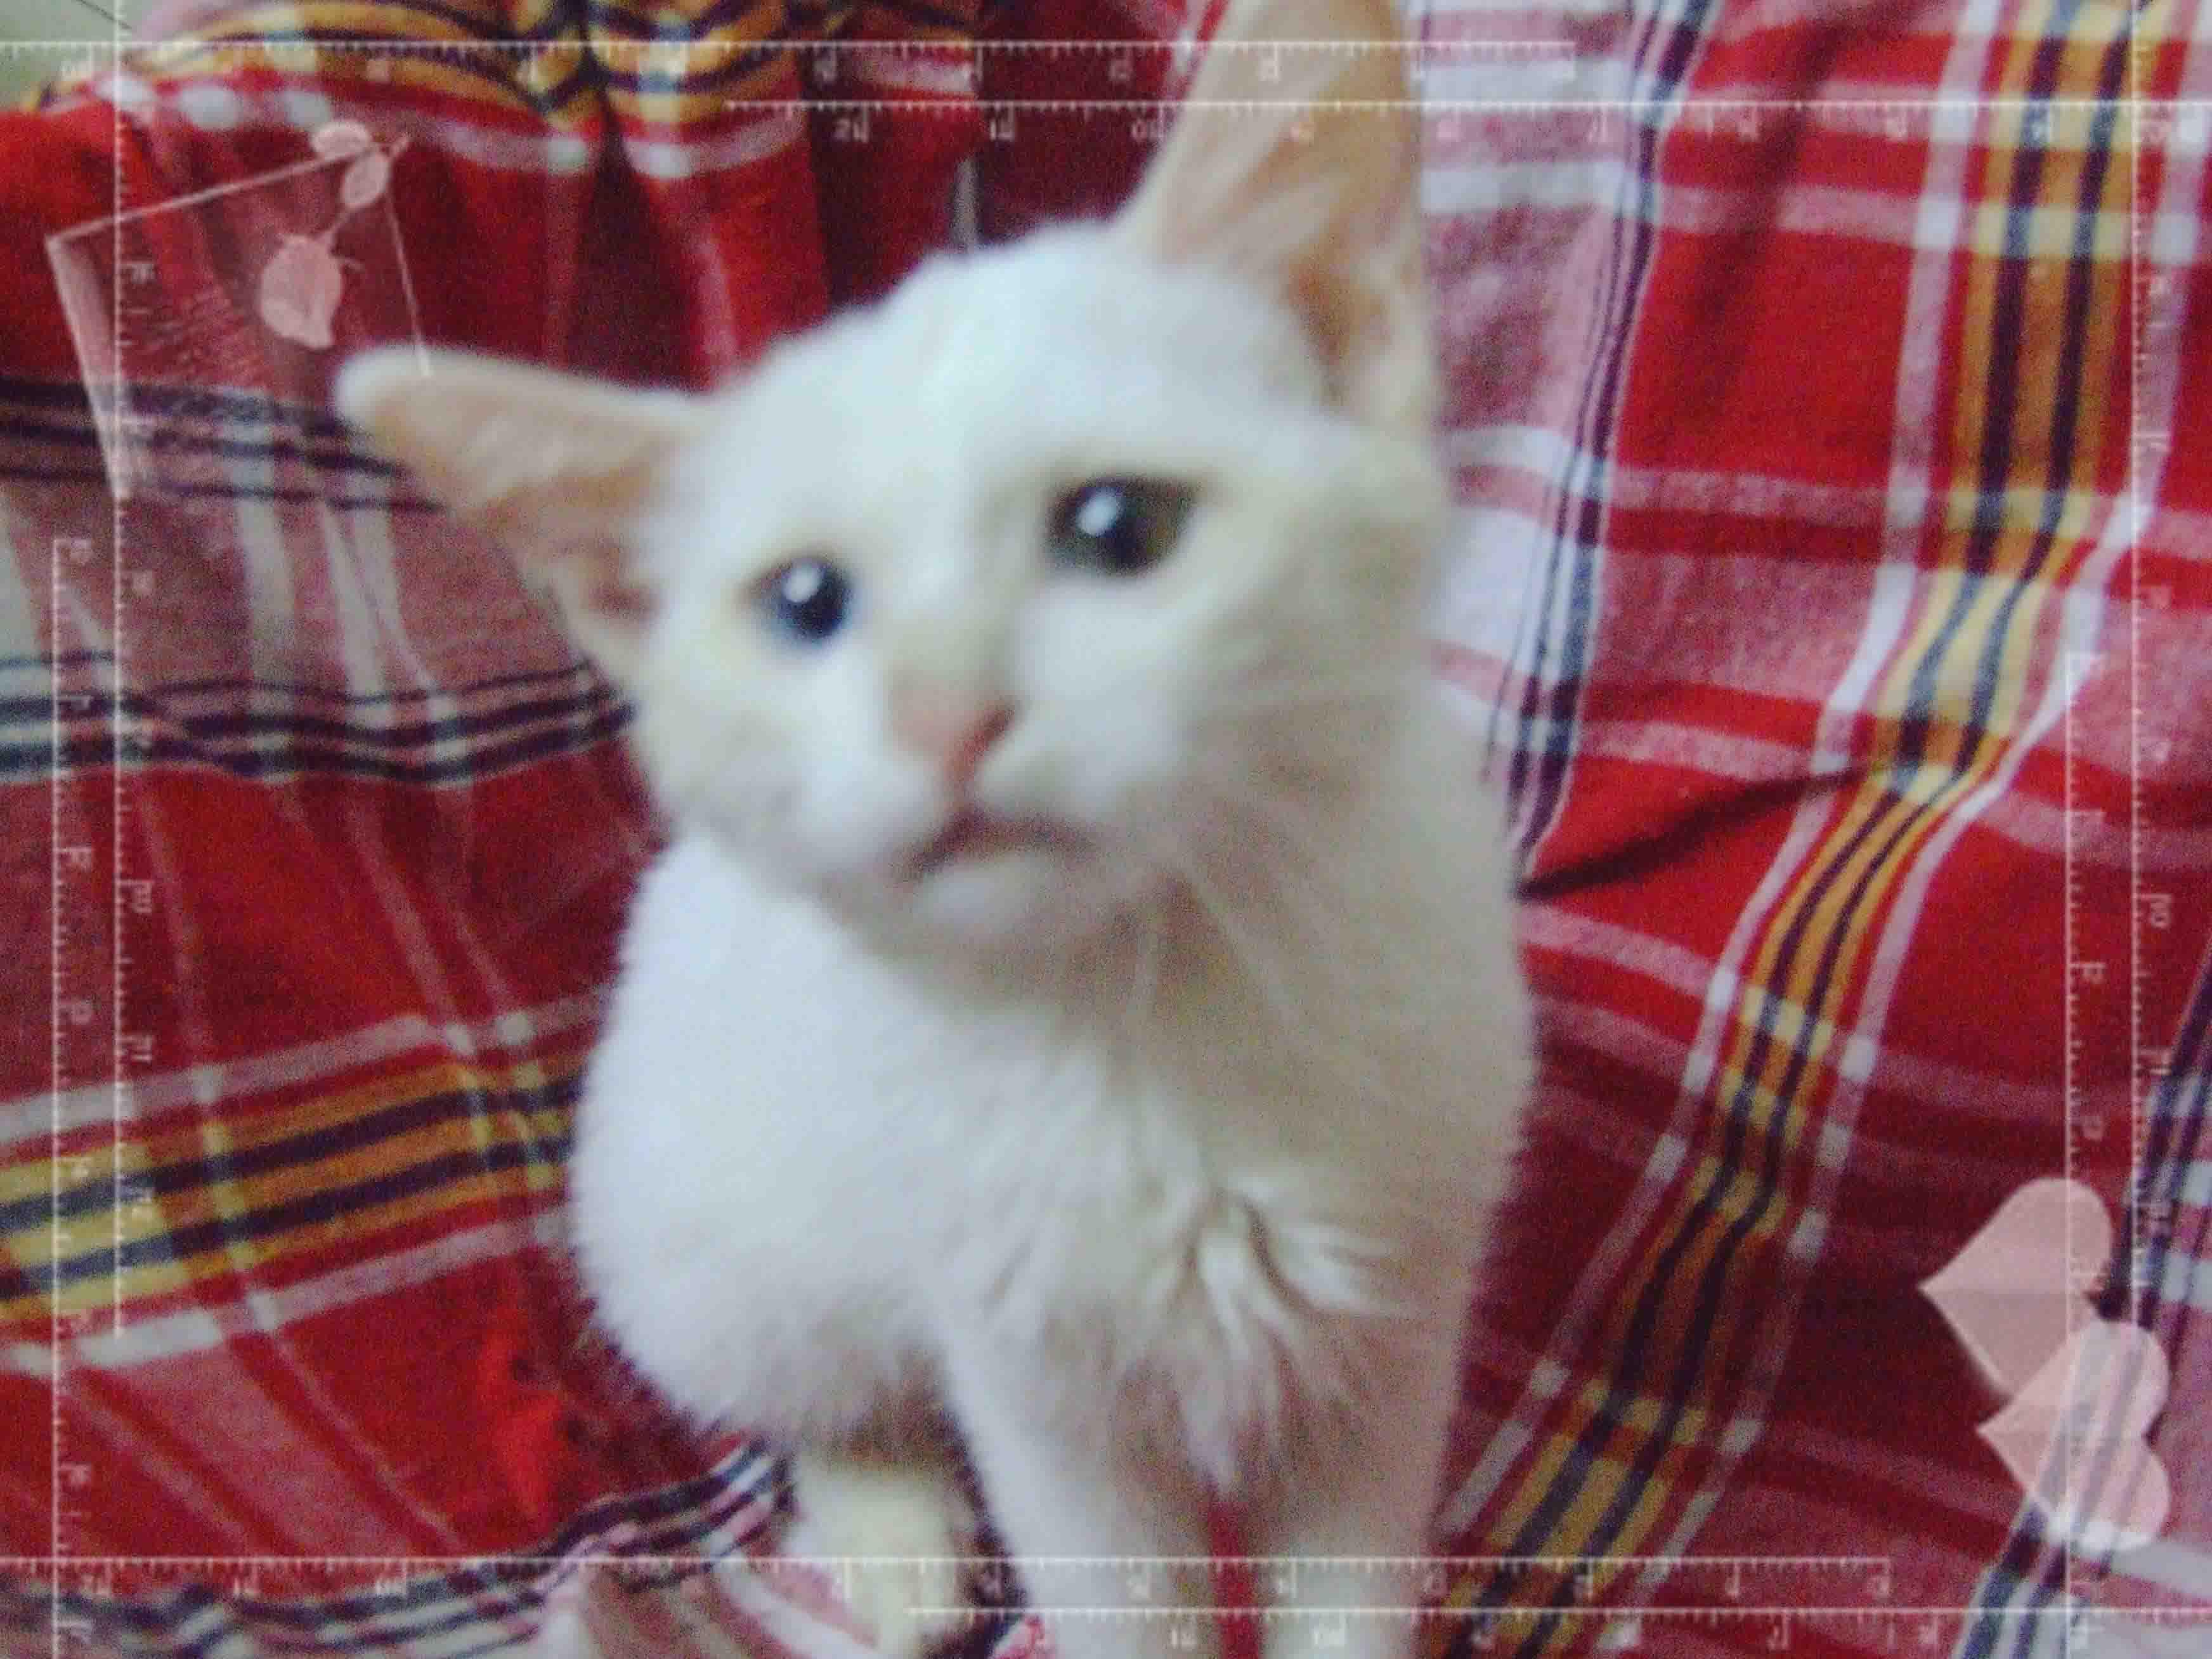 > 集粘人可爱调皮一身的小白猫找好心人领养